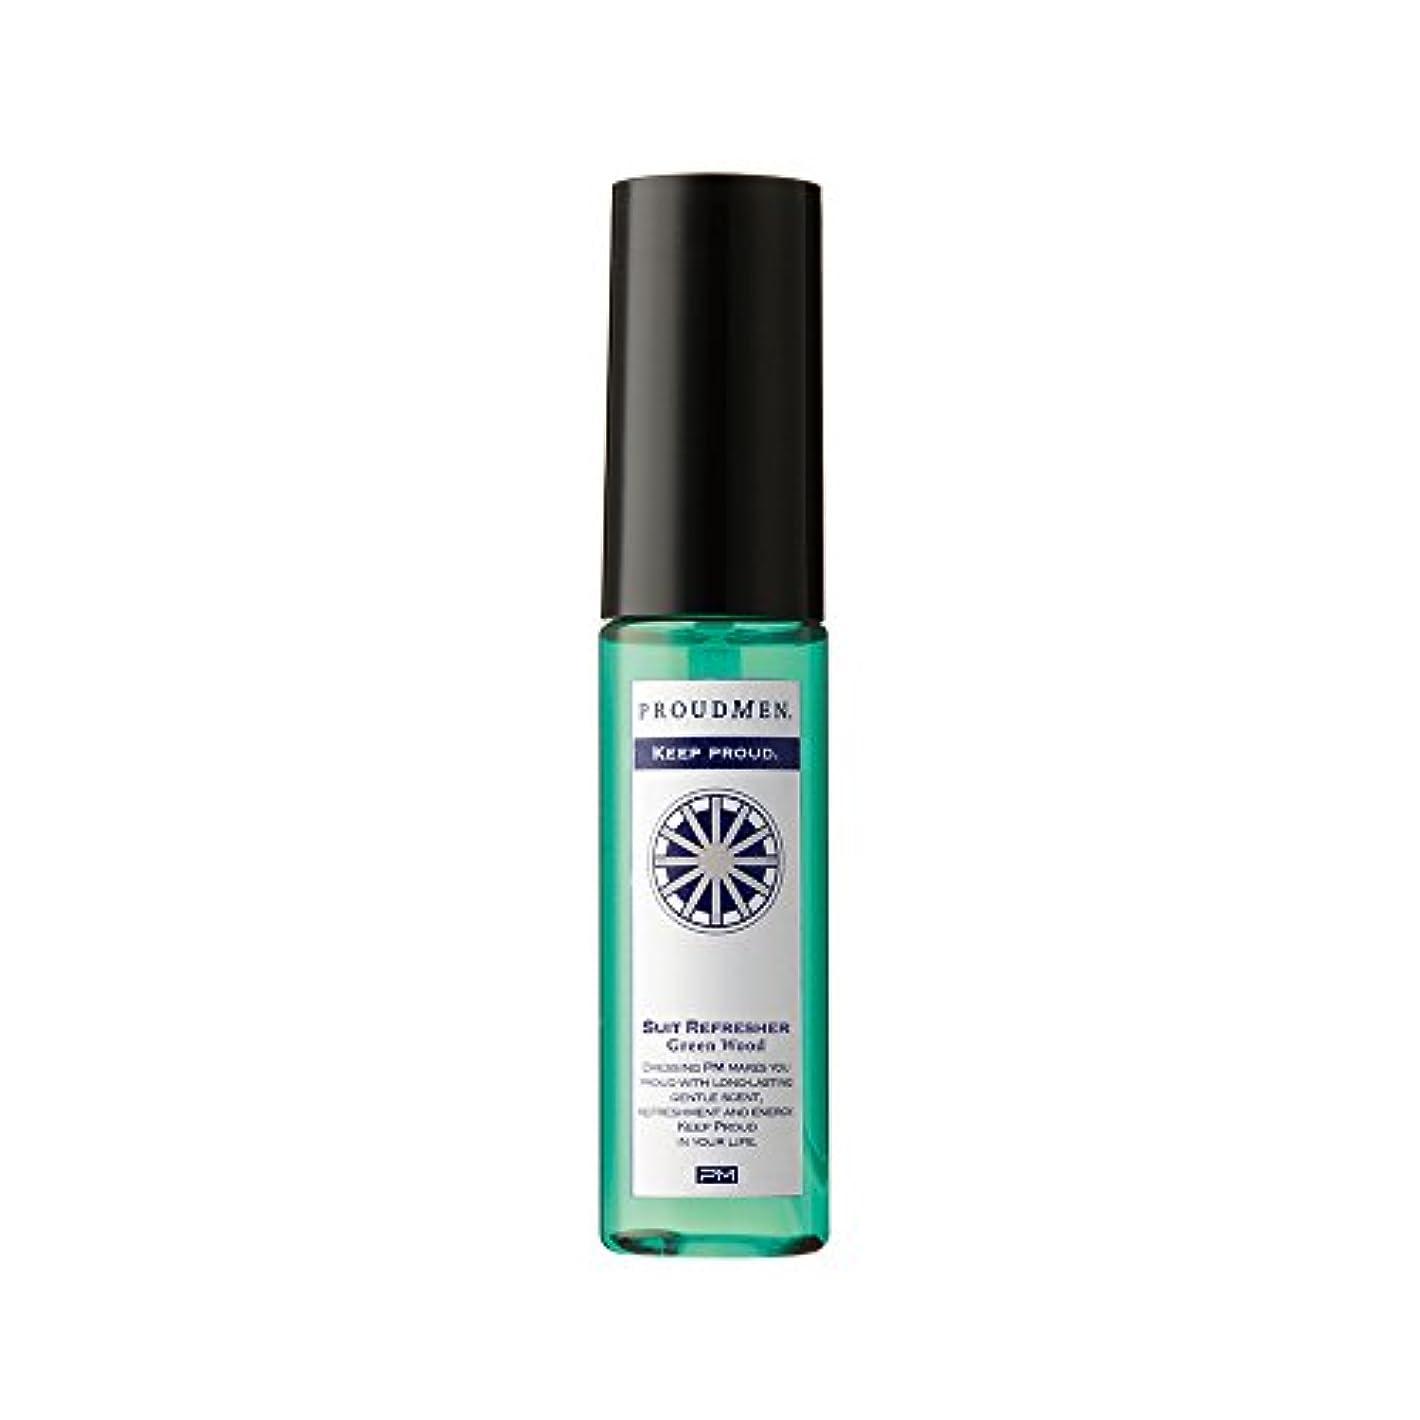 ピン金属メカニックプラウドメン スーツリフレッシャーGW ミニ 携帯用 15ml (グリーンウッドの香り) ファブリックスプレー